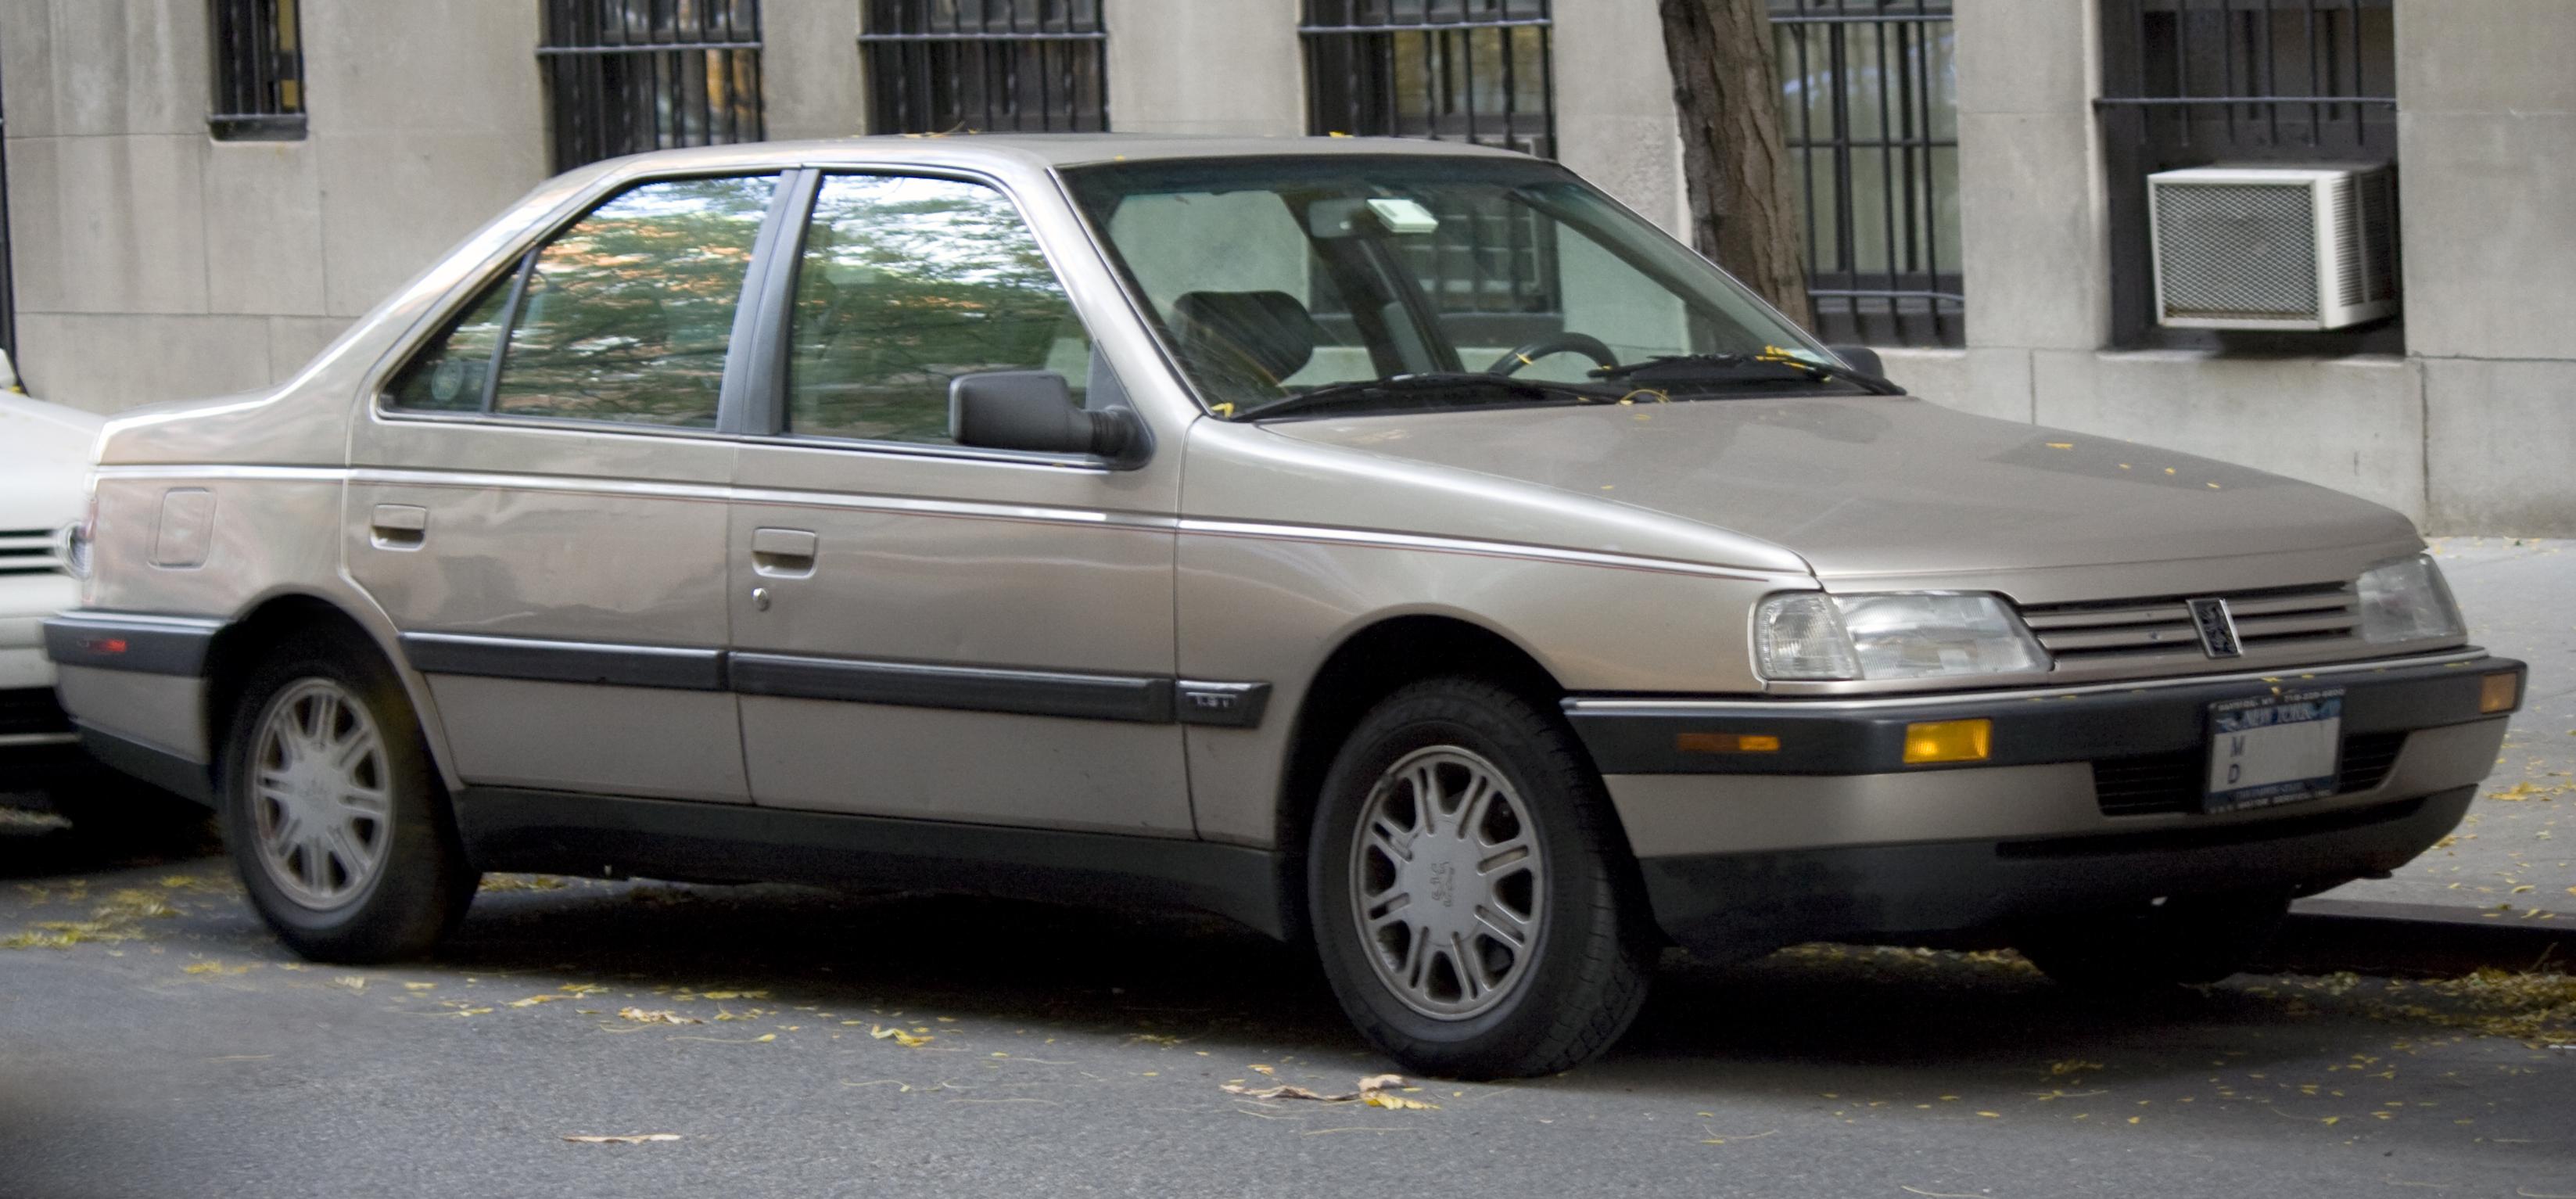 File:1991 Peugeot 405 S.jpg